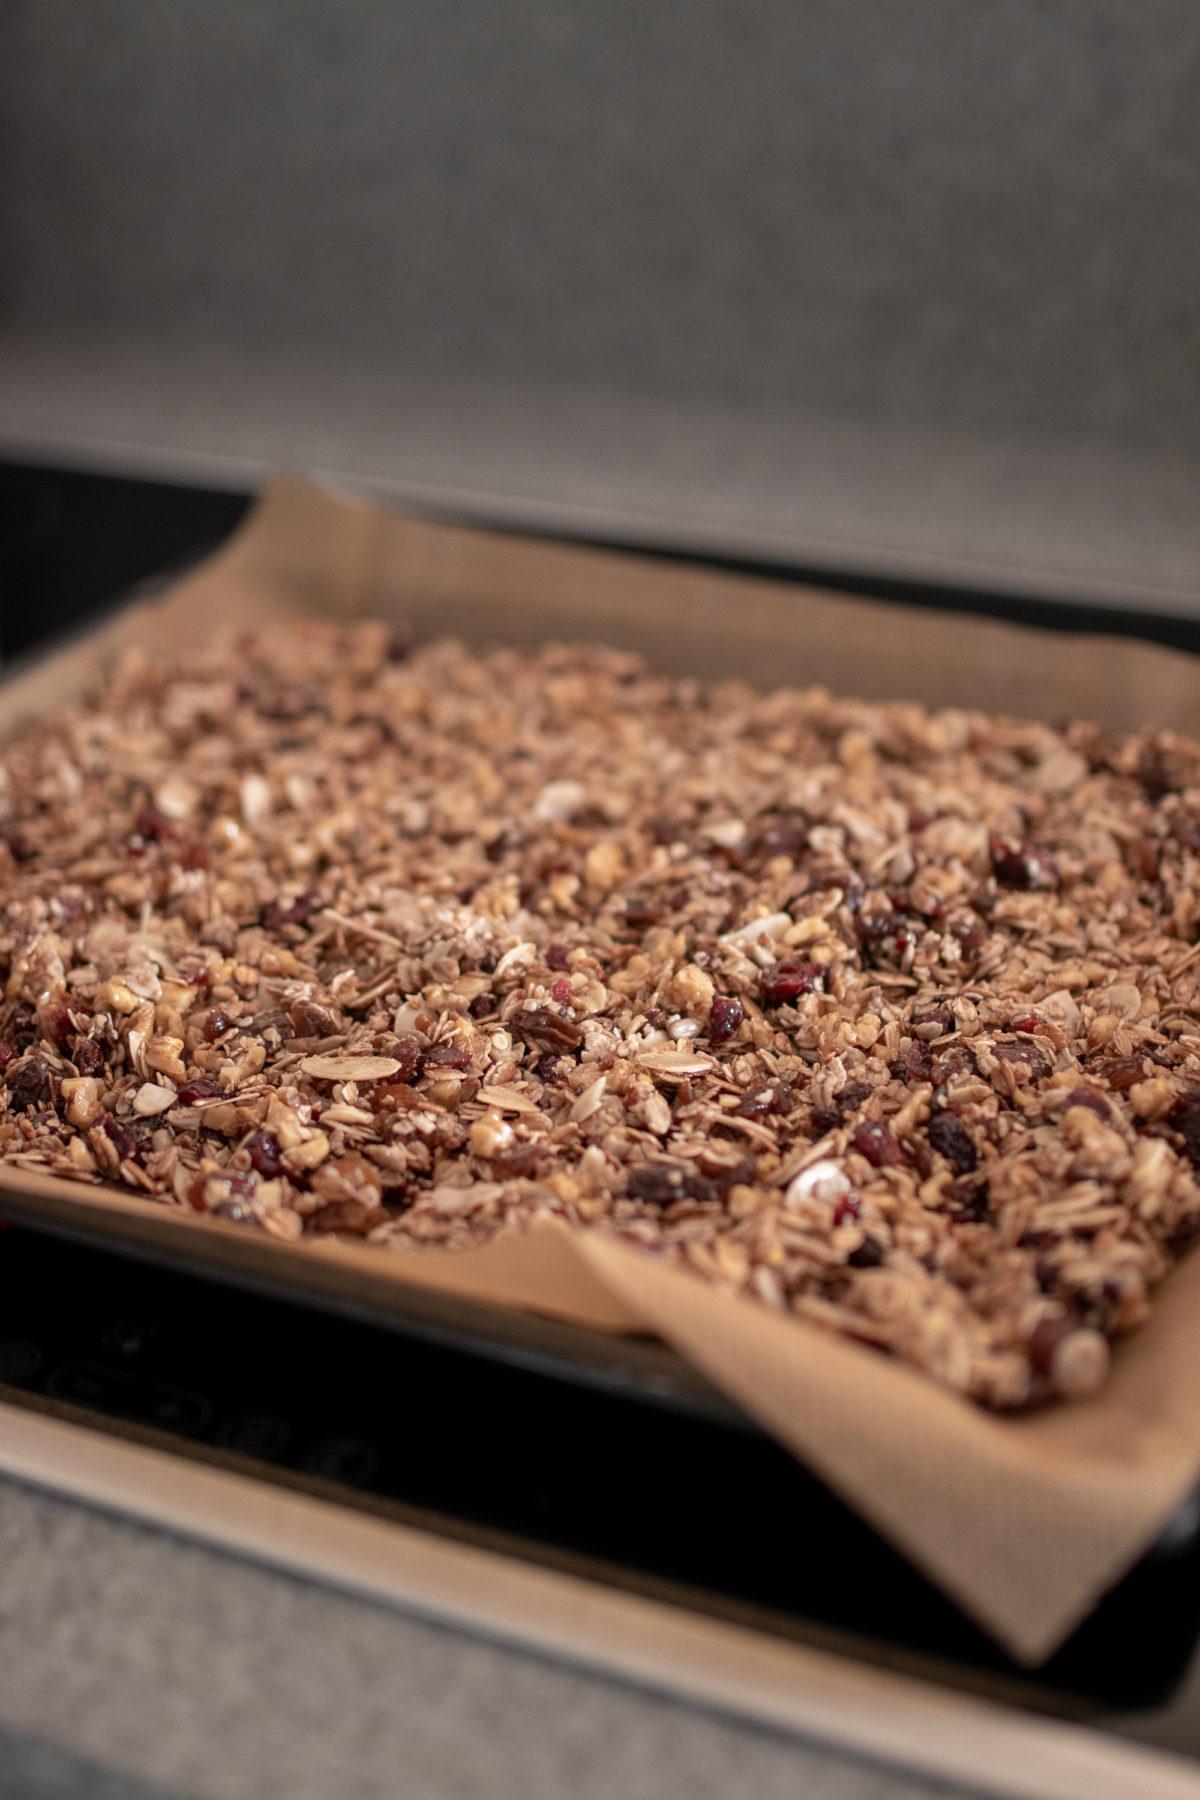 Homemade Granola, Rezept: Selbstgemachtes Granola auf dem österreichischen Lifestyle Blog Bits and Bobs by Eva. Mehr Food auf www.bitsandbobsbyeva.com